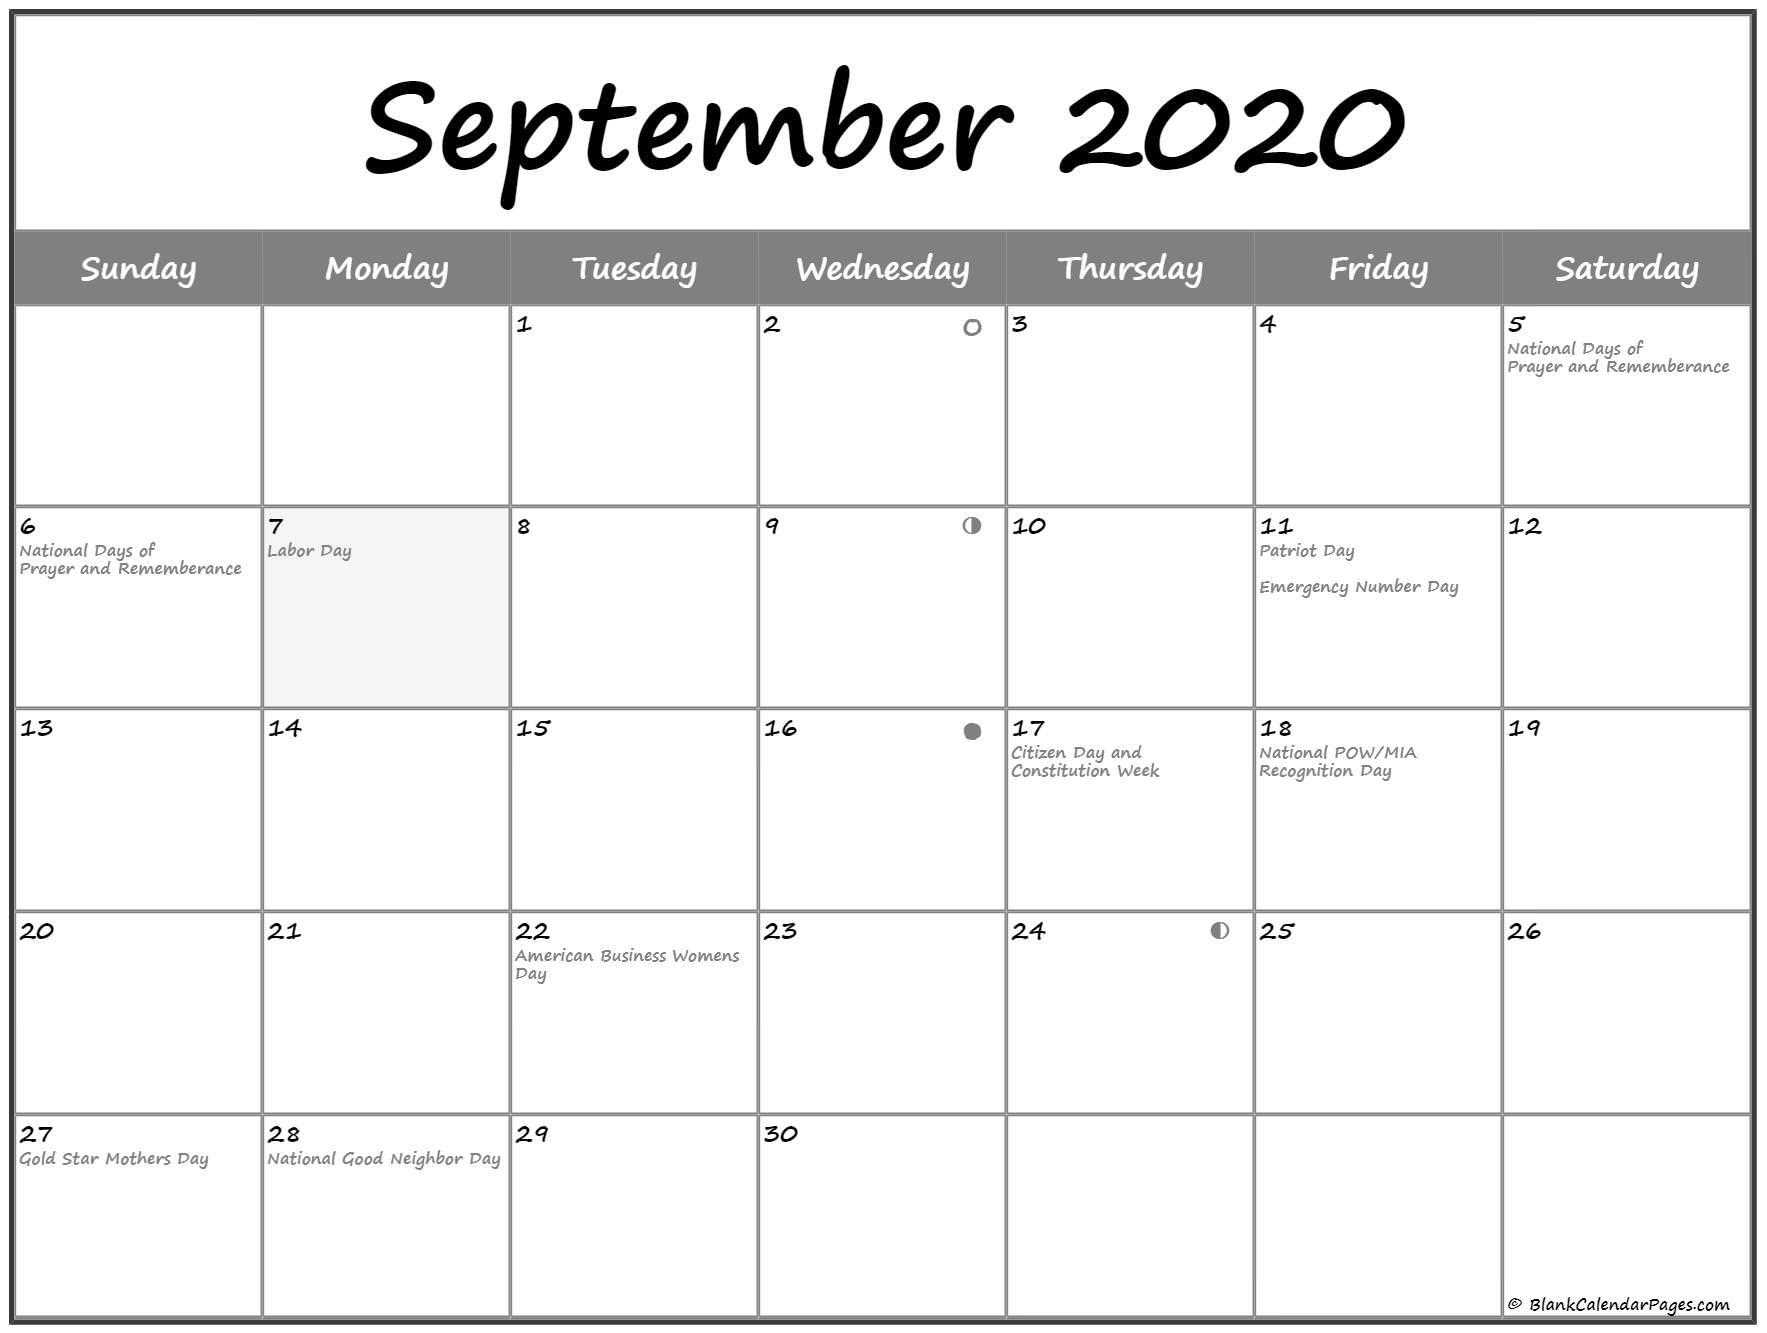 September 2020 Moon Calendar Phases